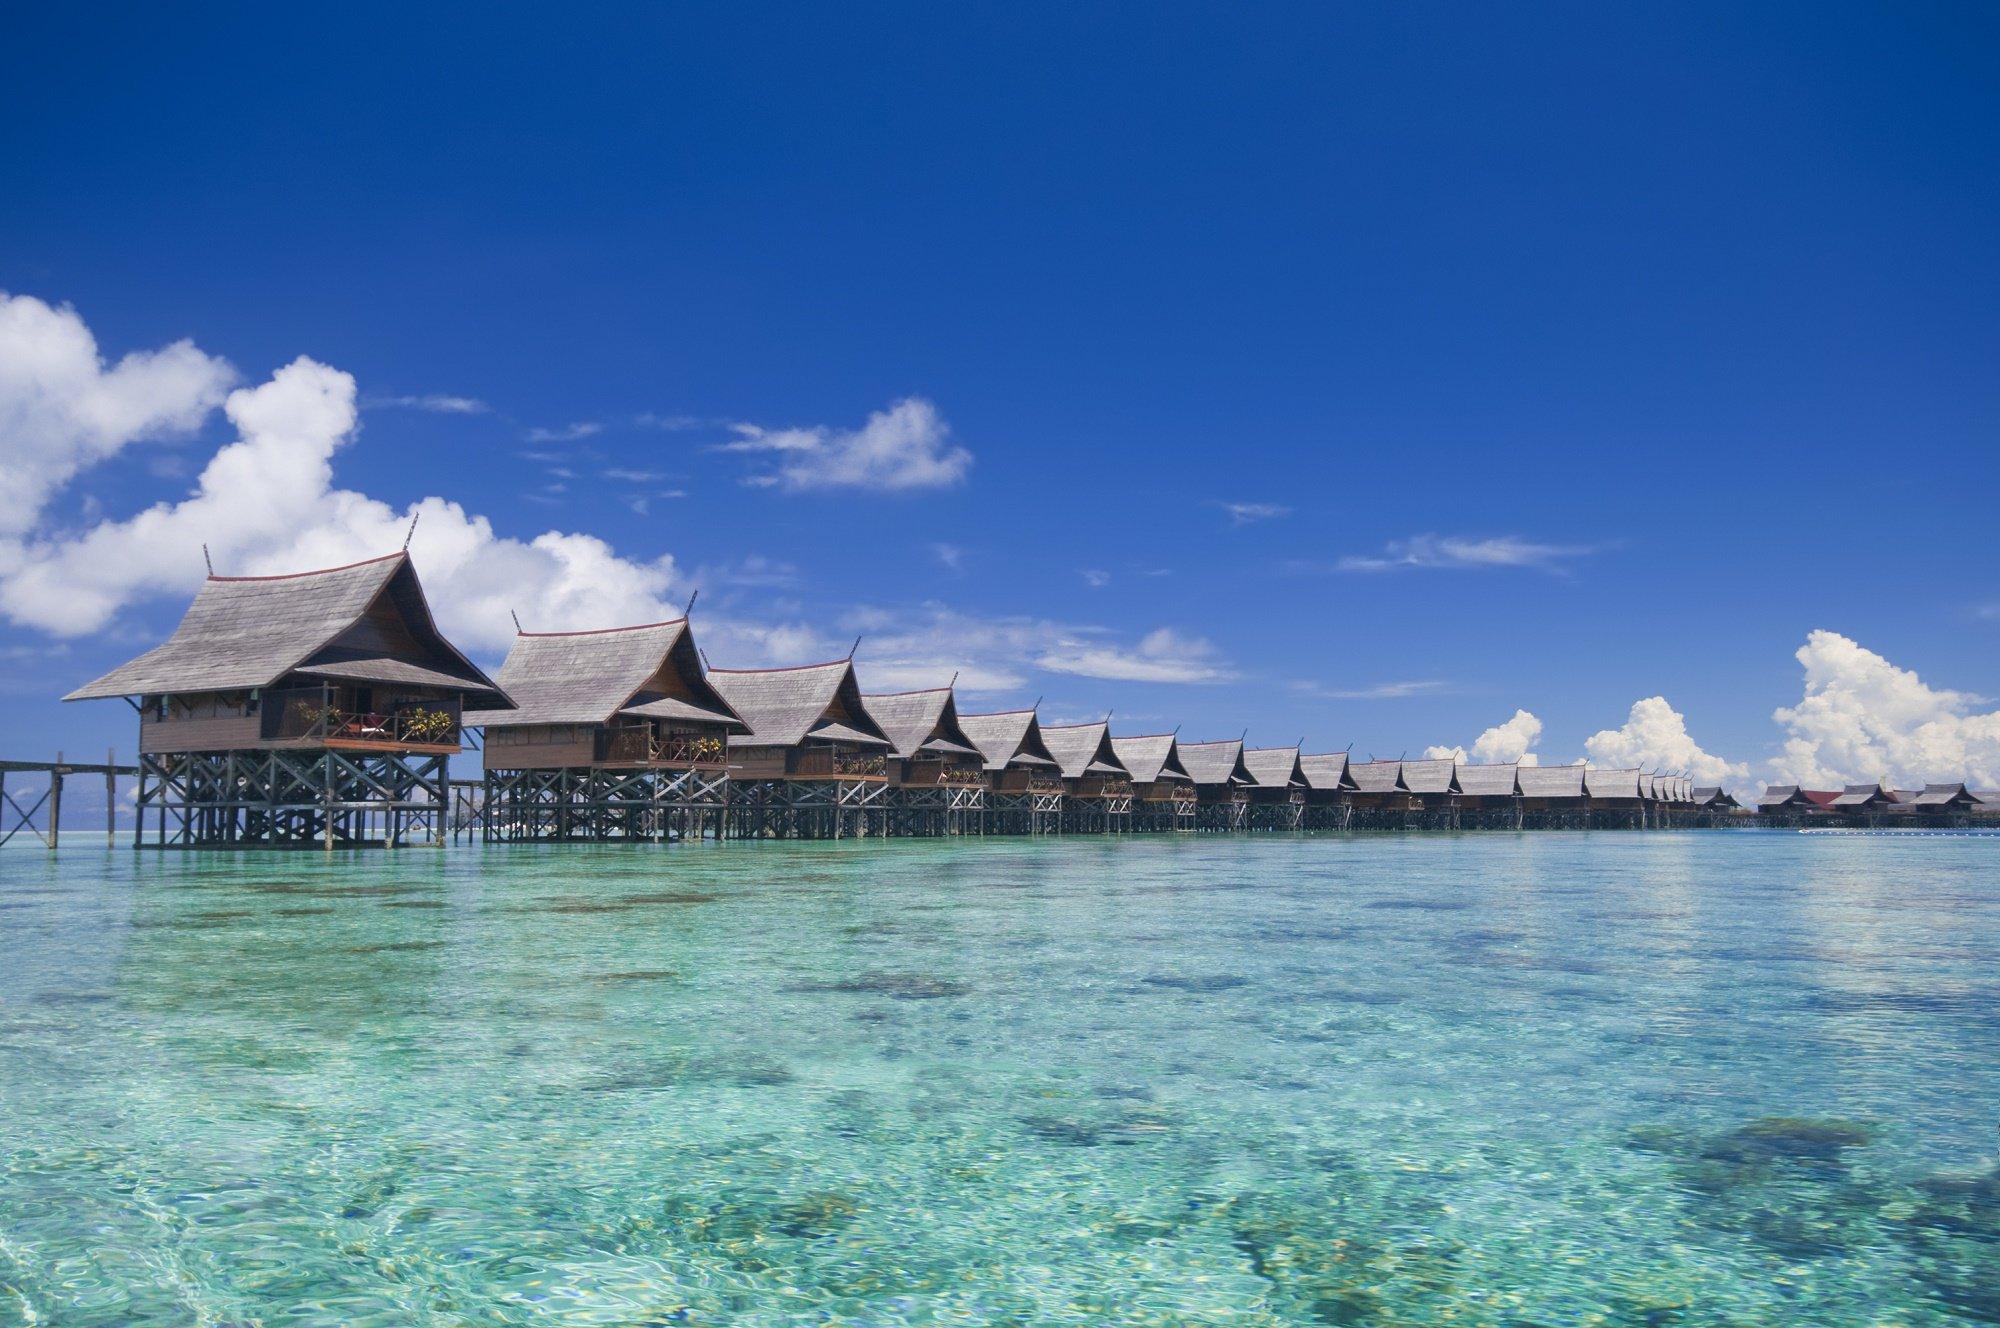 بالصور جزيرة صباح ماليزيا , واحدة من اجمل جزر ماليزيا 15111 5